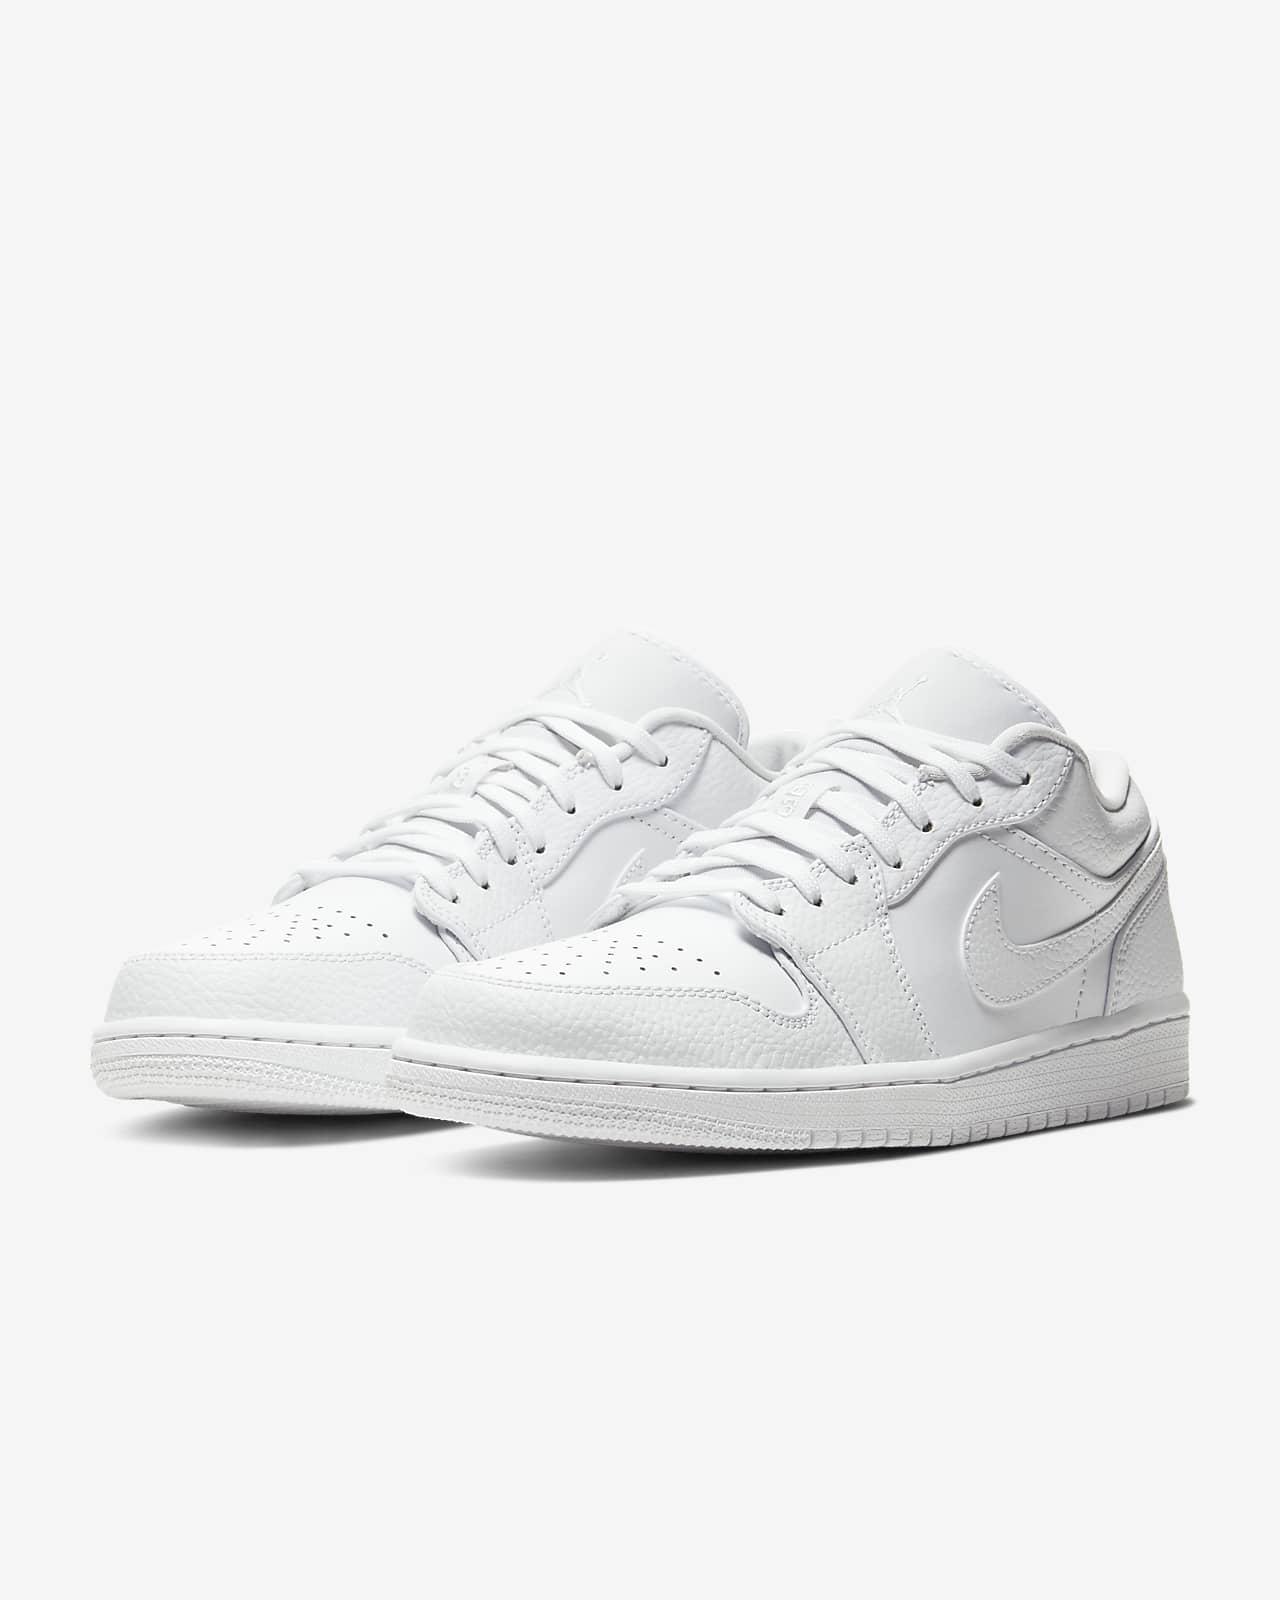 Air Jordan 1 Low Shoe. Nike LU